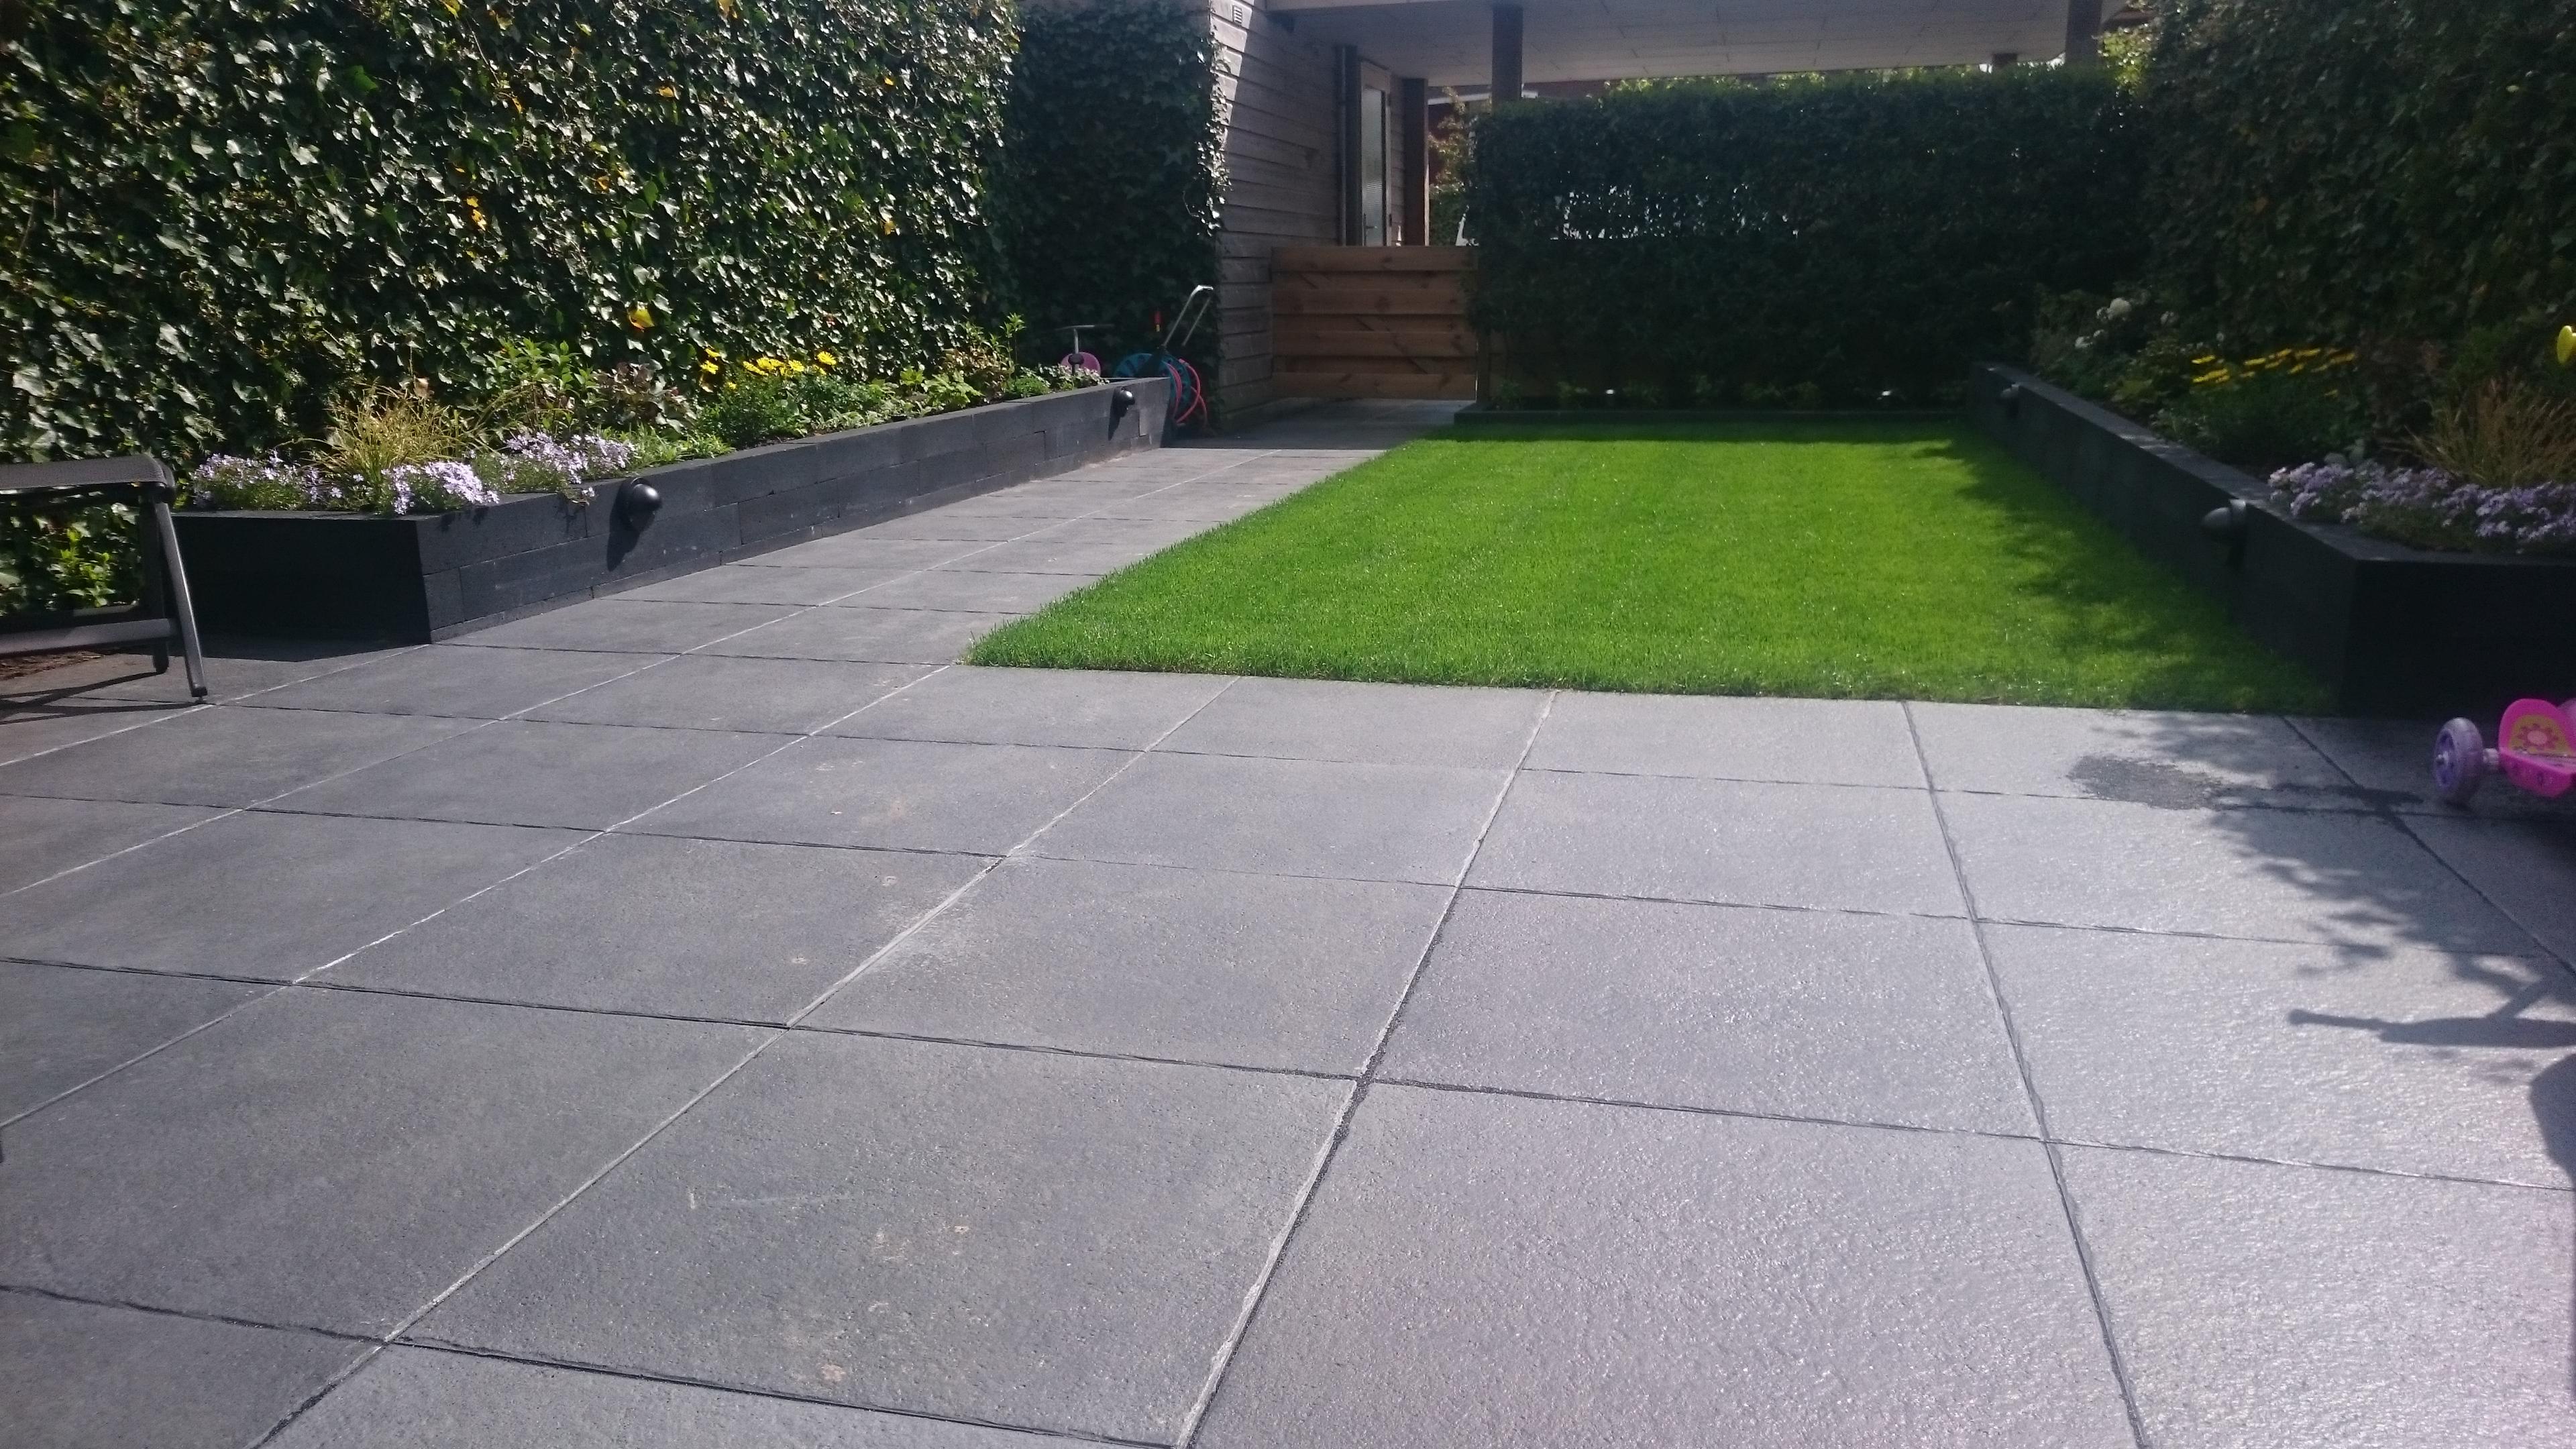 Grote Tuin Tegels.Praktische Tuin Met Mooie Grote Donkergrijze Tegels Gert Lieman